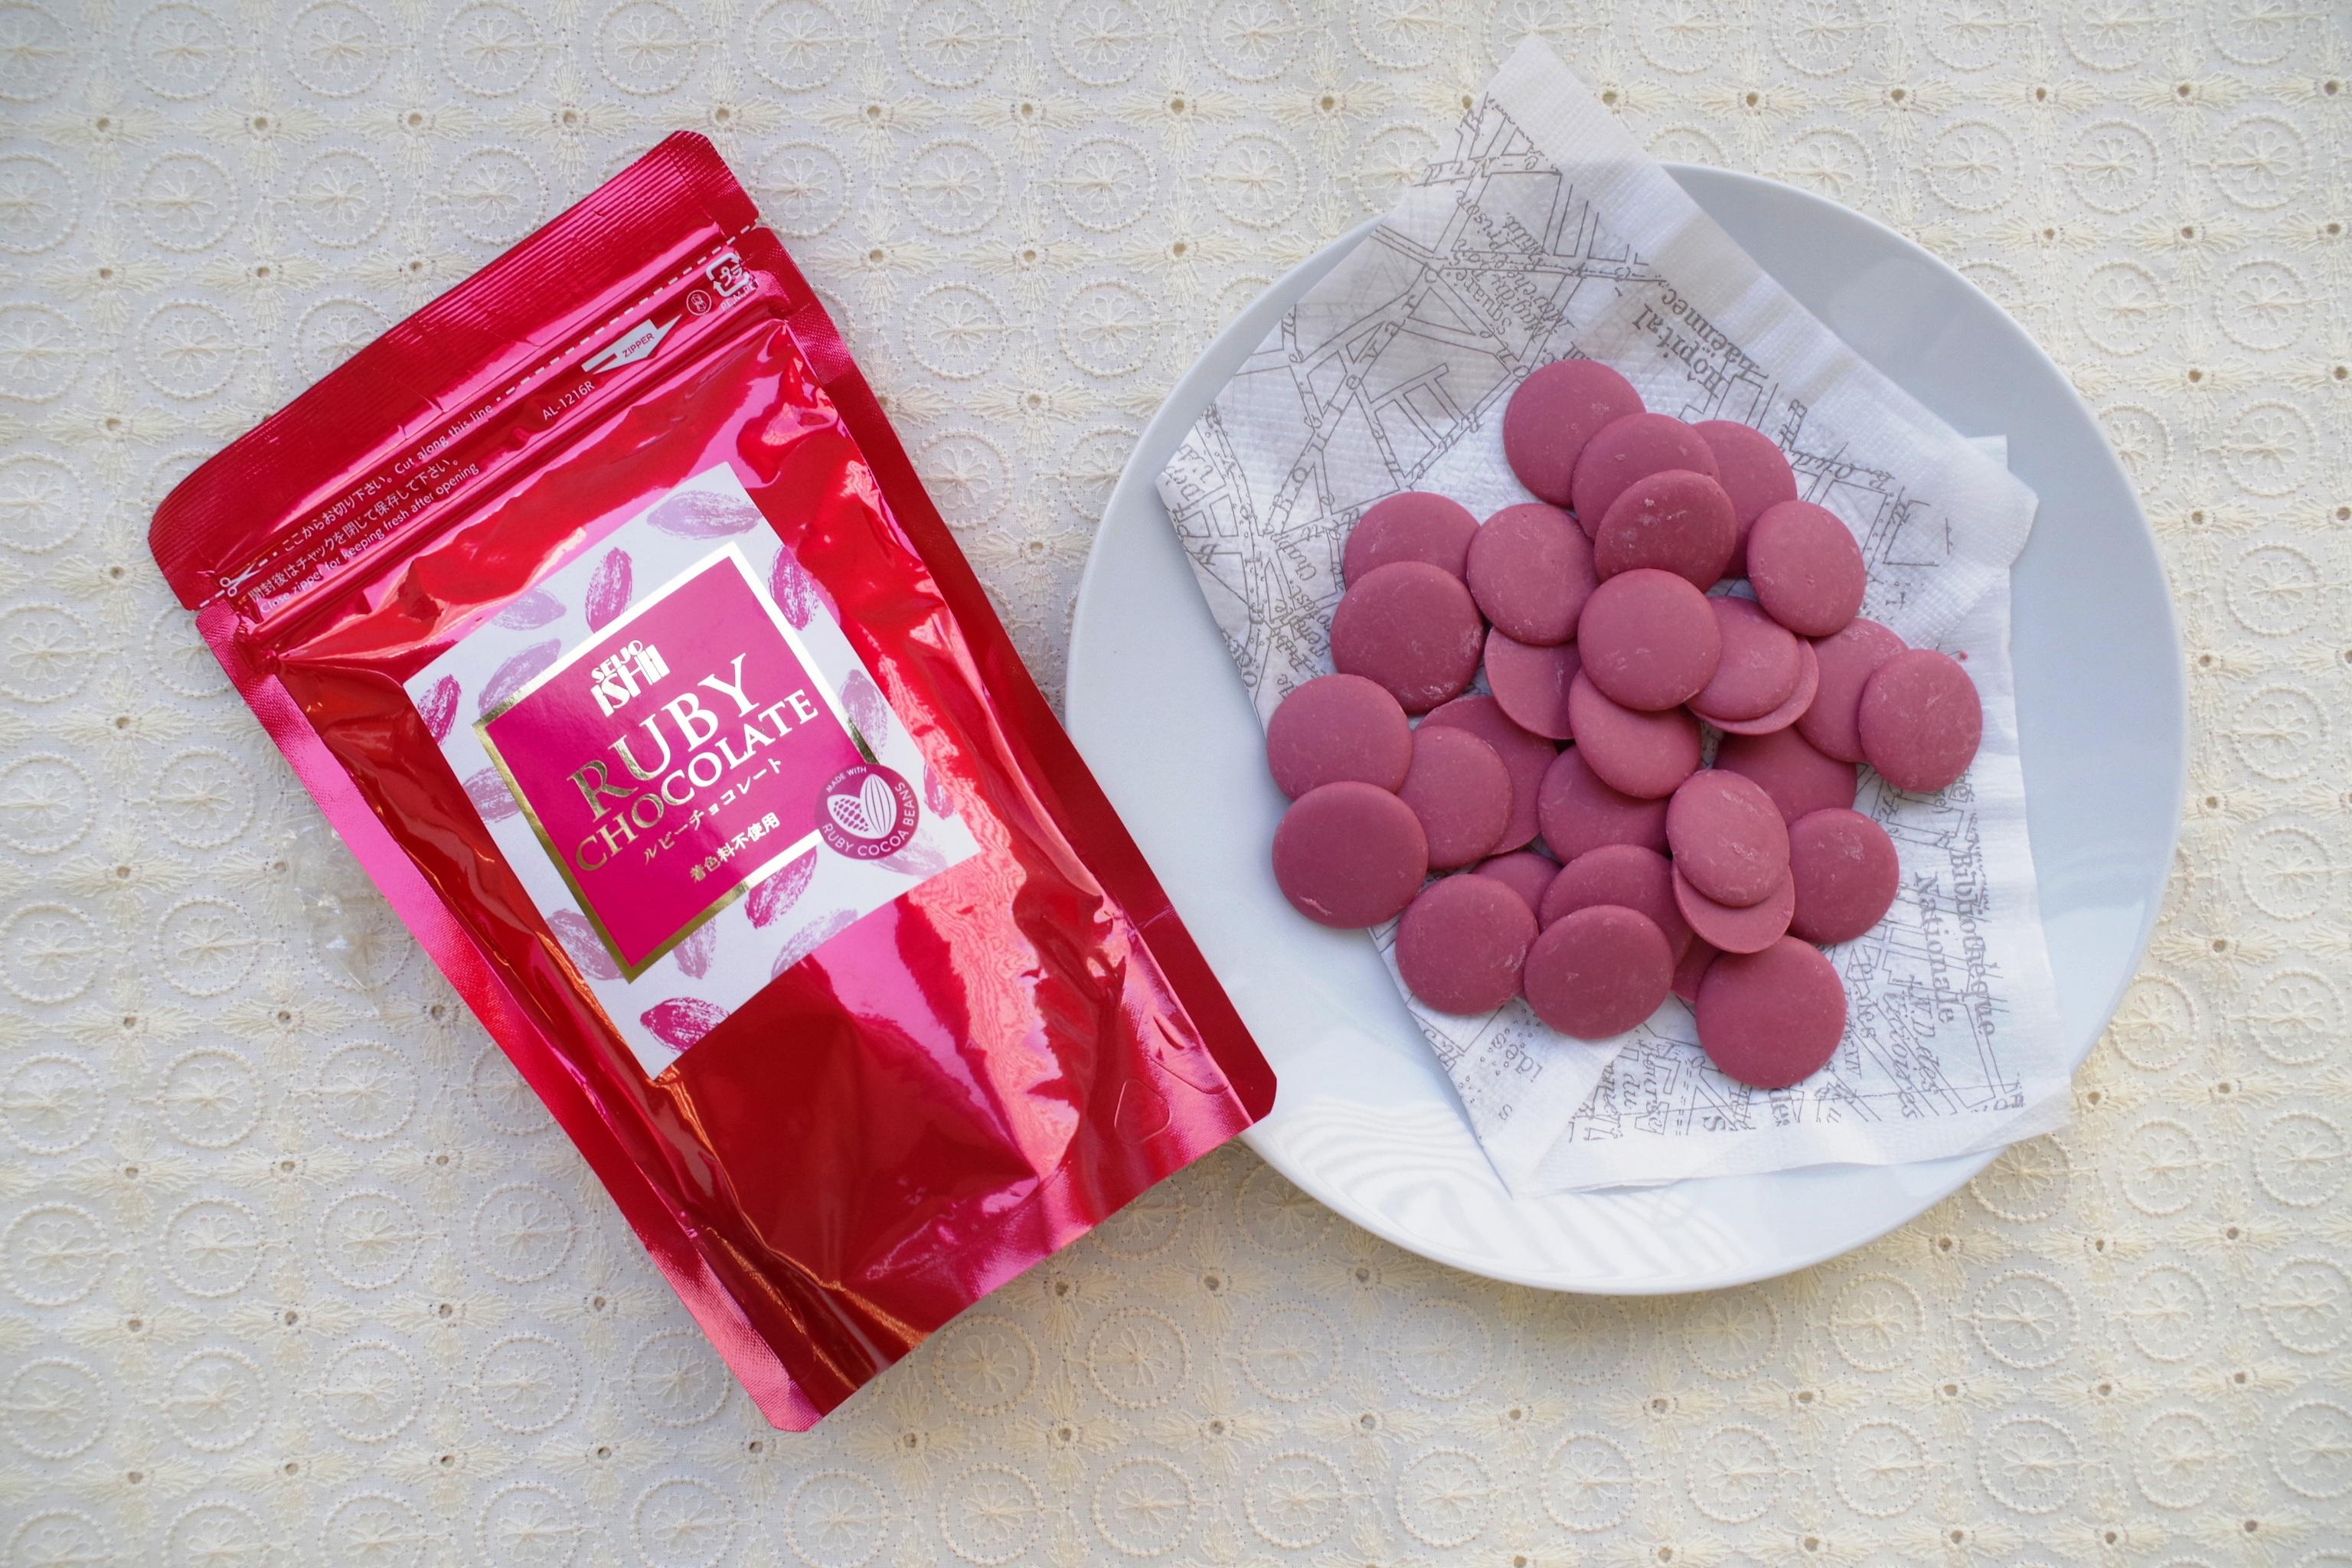 『成城石井』でピンクのルビーチョコをGET♡ おすすめ4品!【#バレンタイン 2020】_4